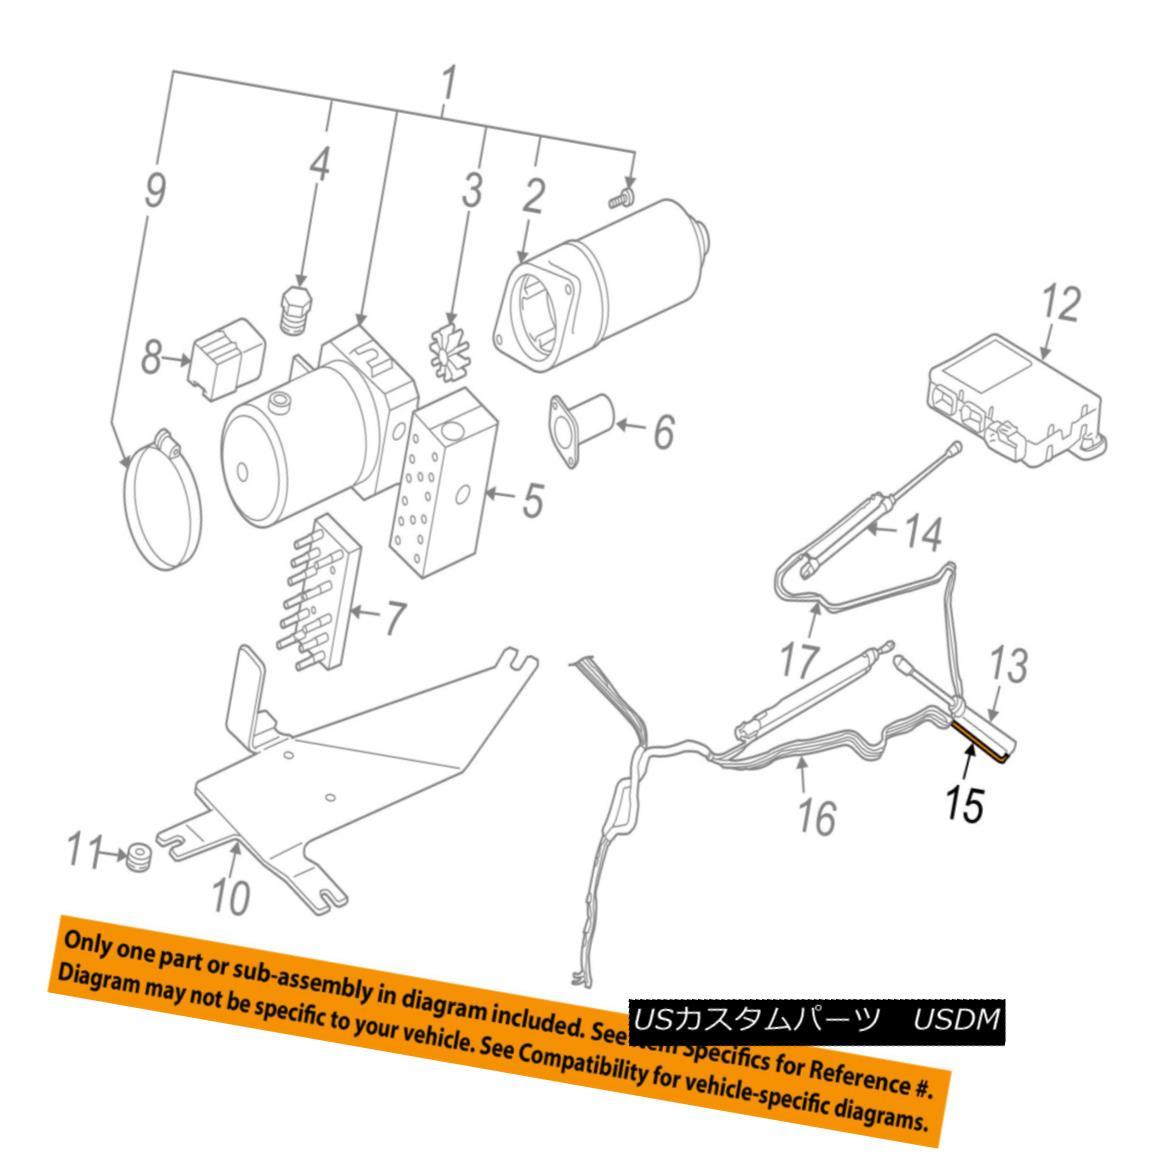 幌・ソフトトップ AUDI OEM 03-09 A4 Motor-Convertible/soft Top-Oil Pipe Right 8H0871794A AUDI OEM 03-09 A4モーター・コンプレッサー/ソフト・トップオイル・パイプ・ライト8H0871794A